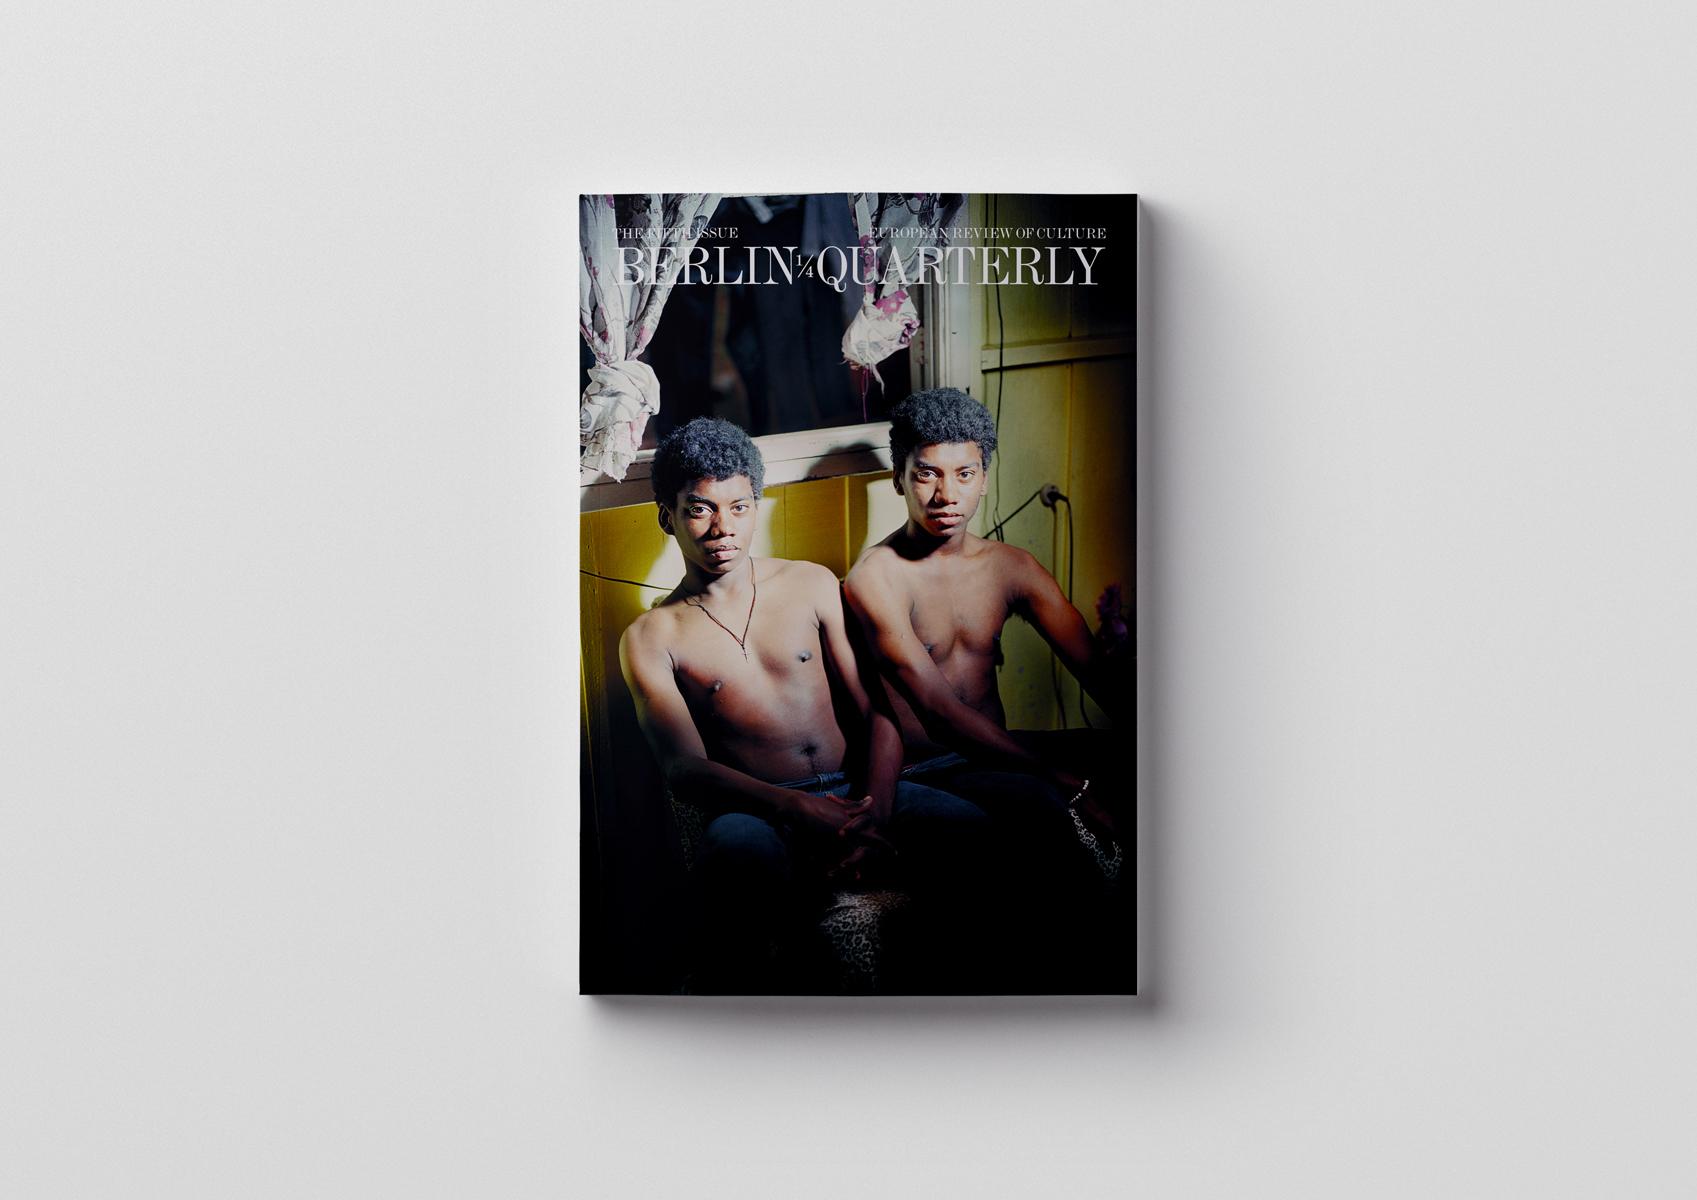 nicoletta-dalfino-berlin-quarterly-5-cover